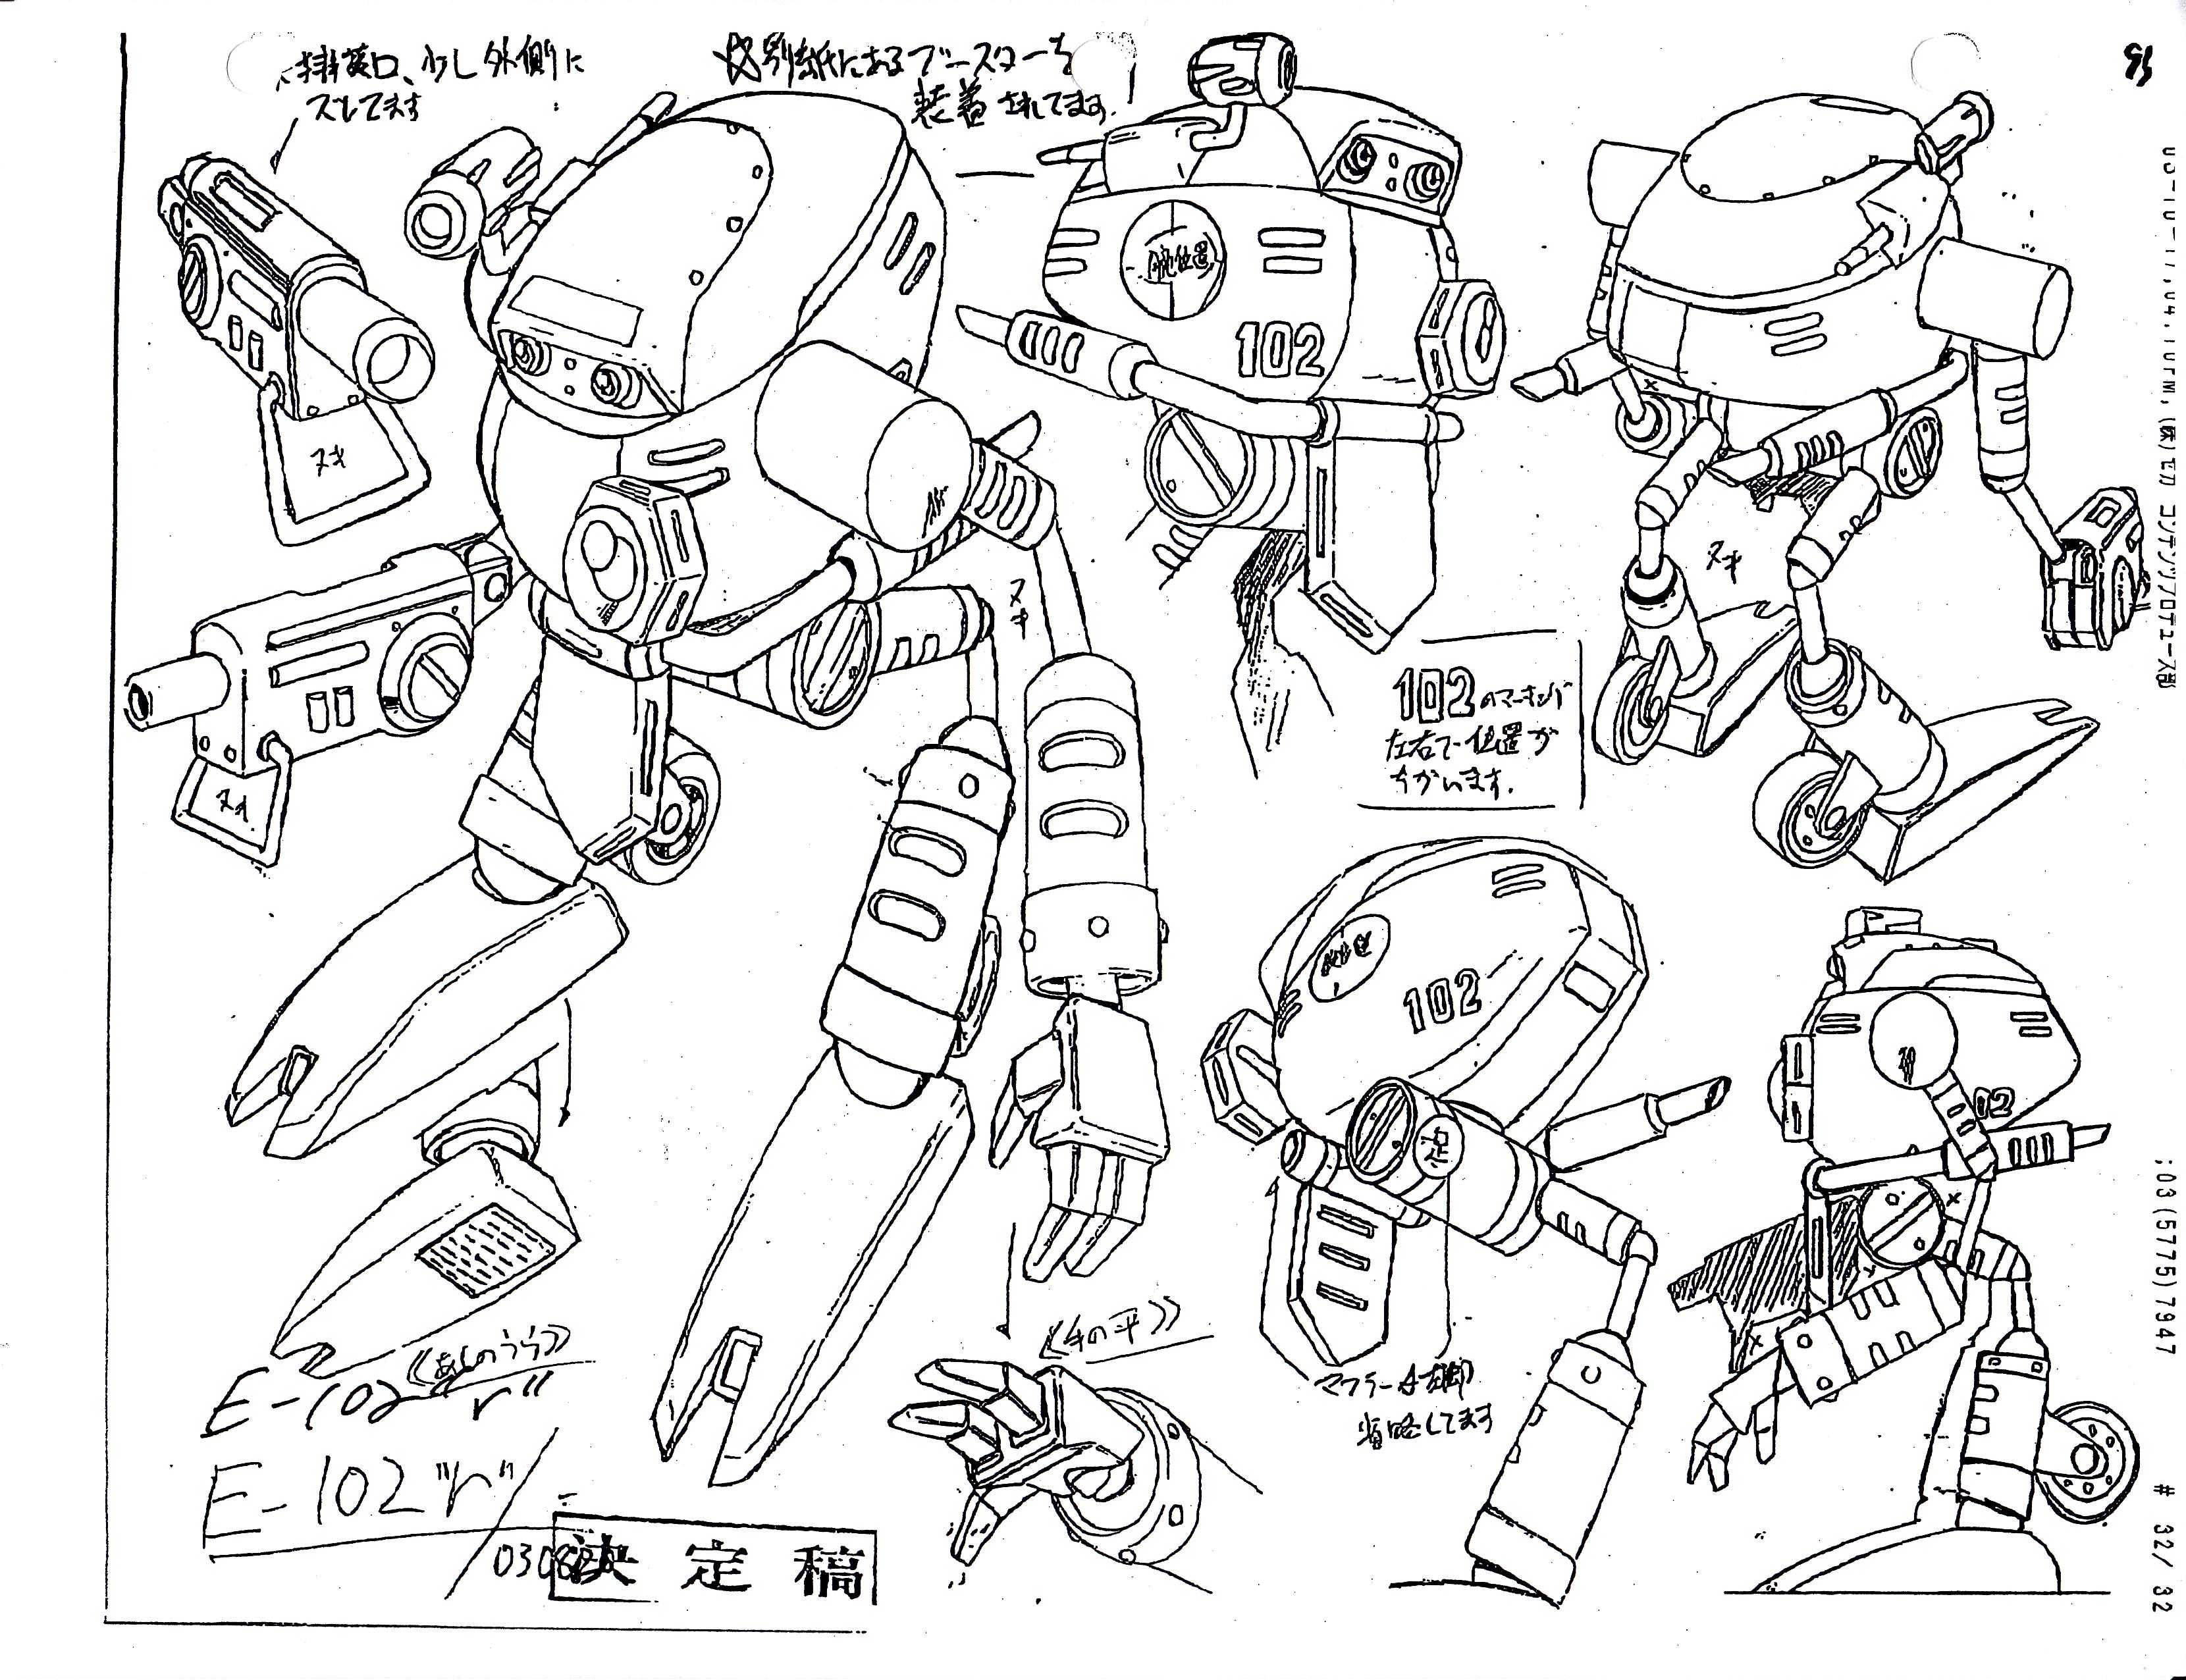 E-102 Gamma (Sonic X)/Galeria